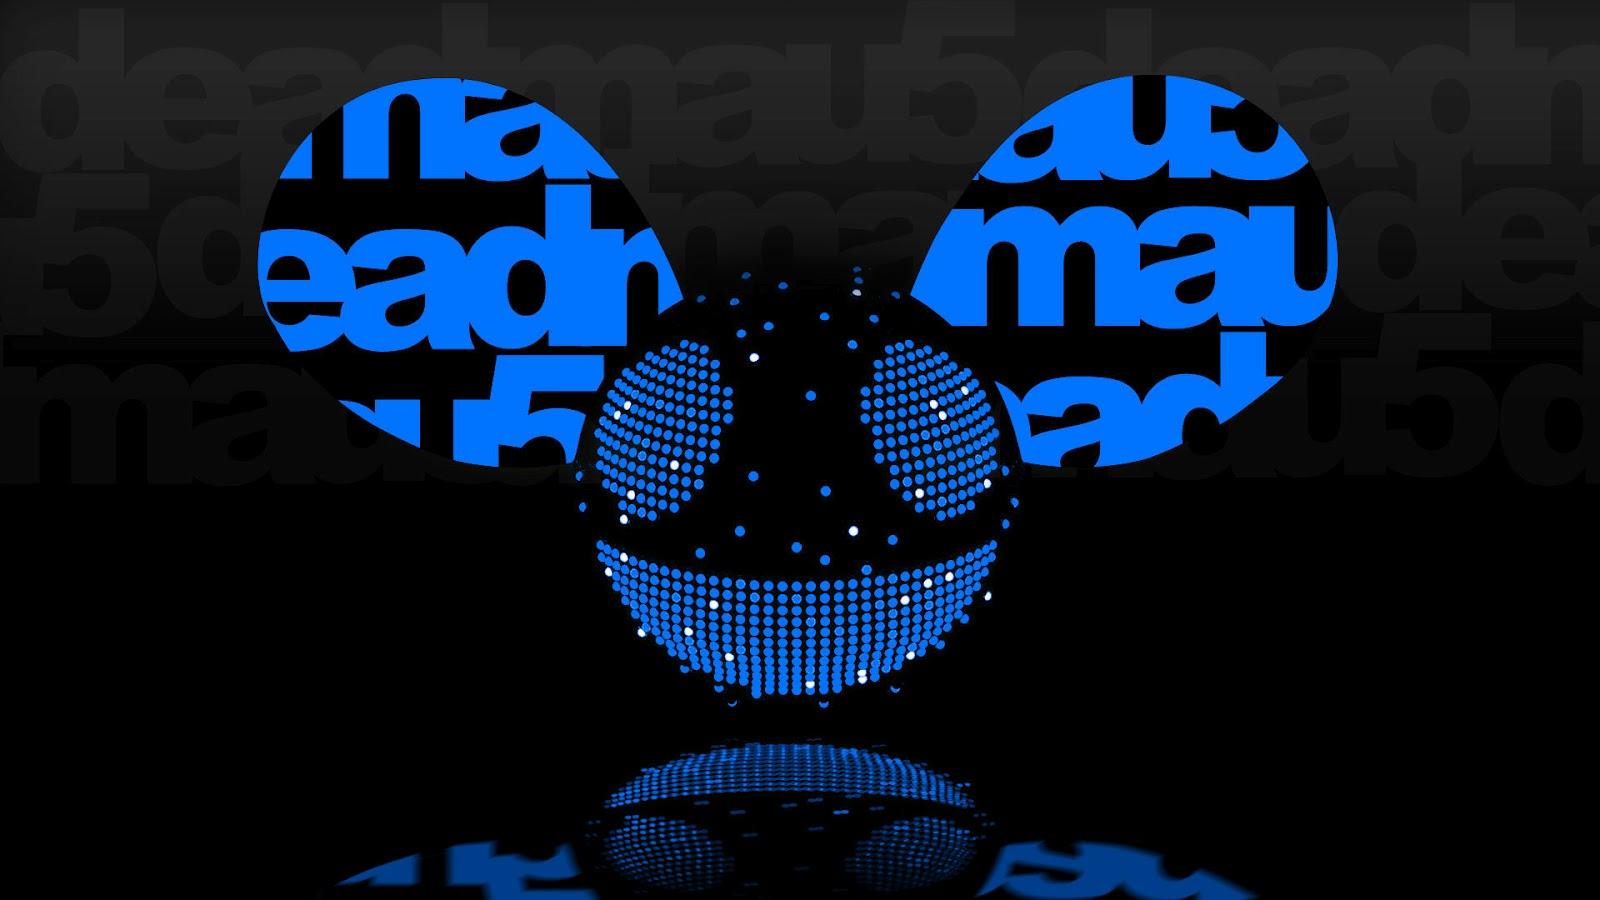 deadmau5 blue head wallpaper - photo #27